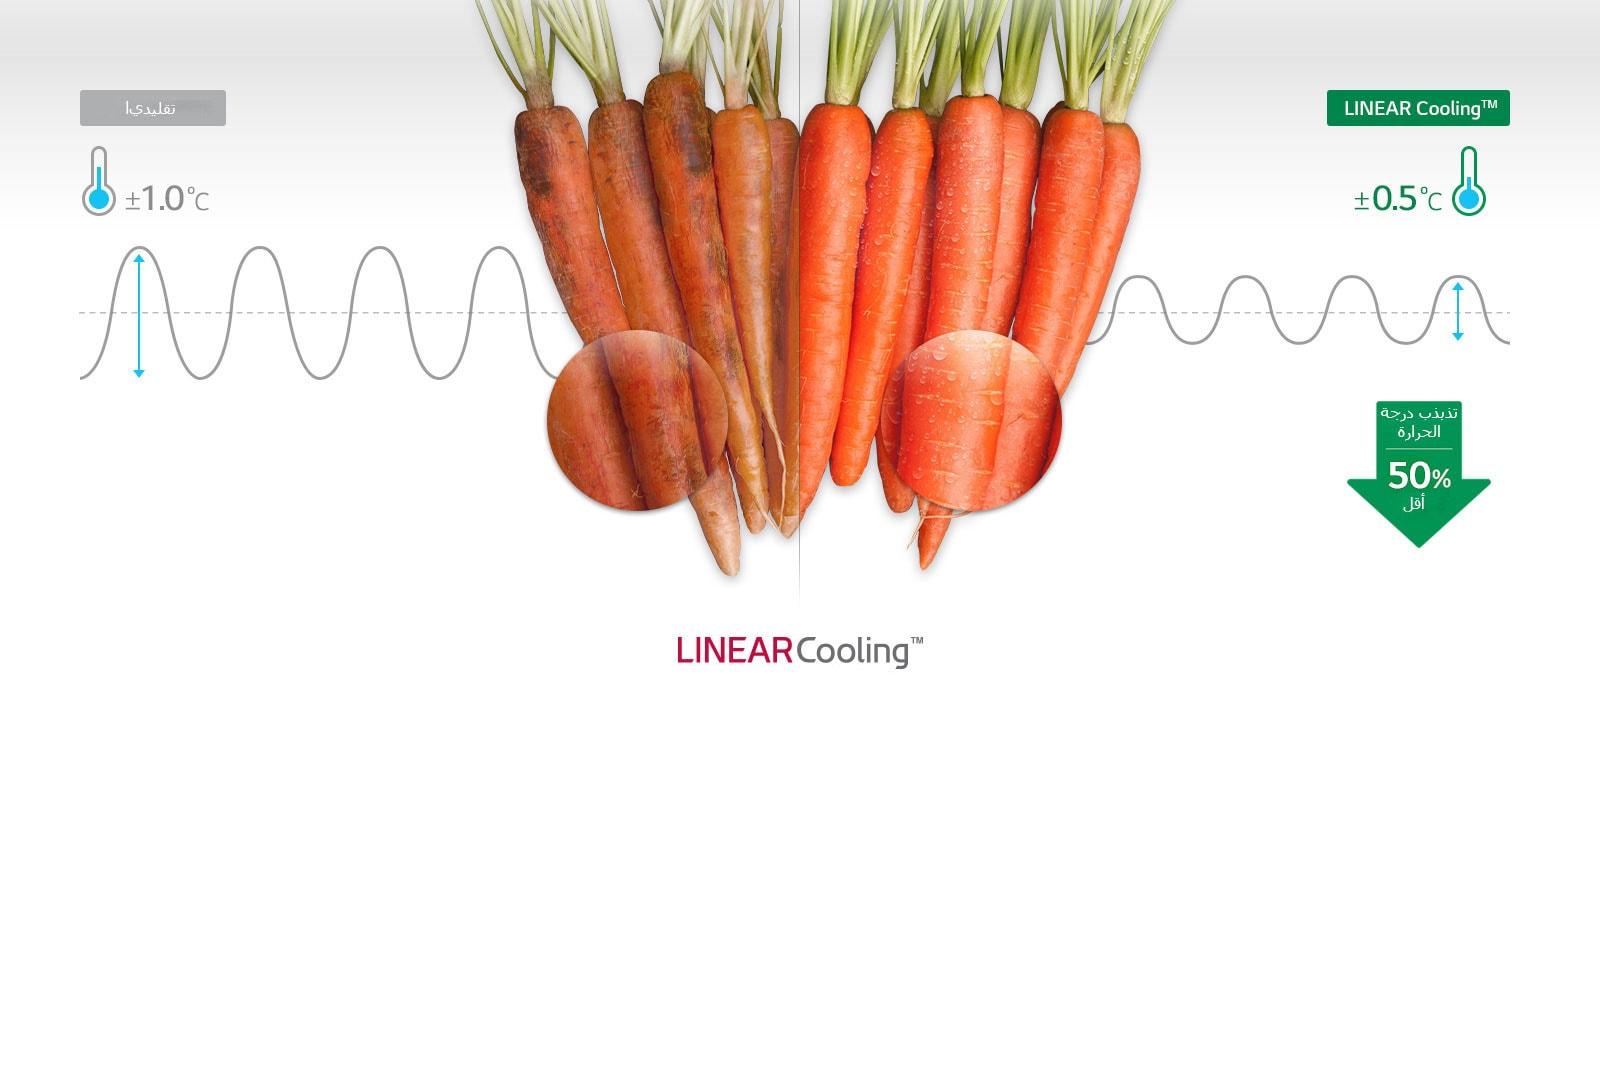 LT22CBBSLN_Linear_Cooling_07122018_D